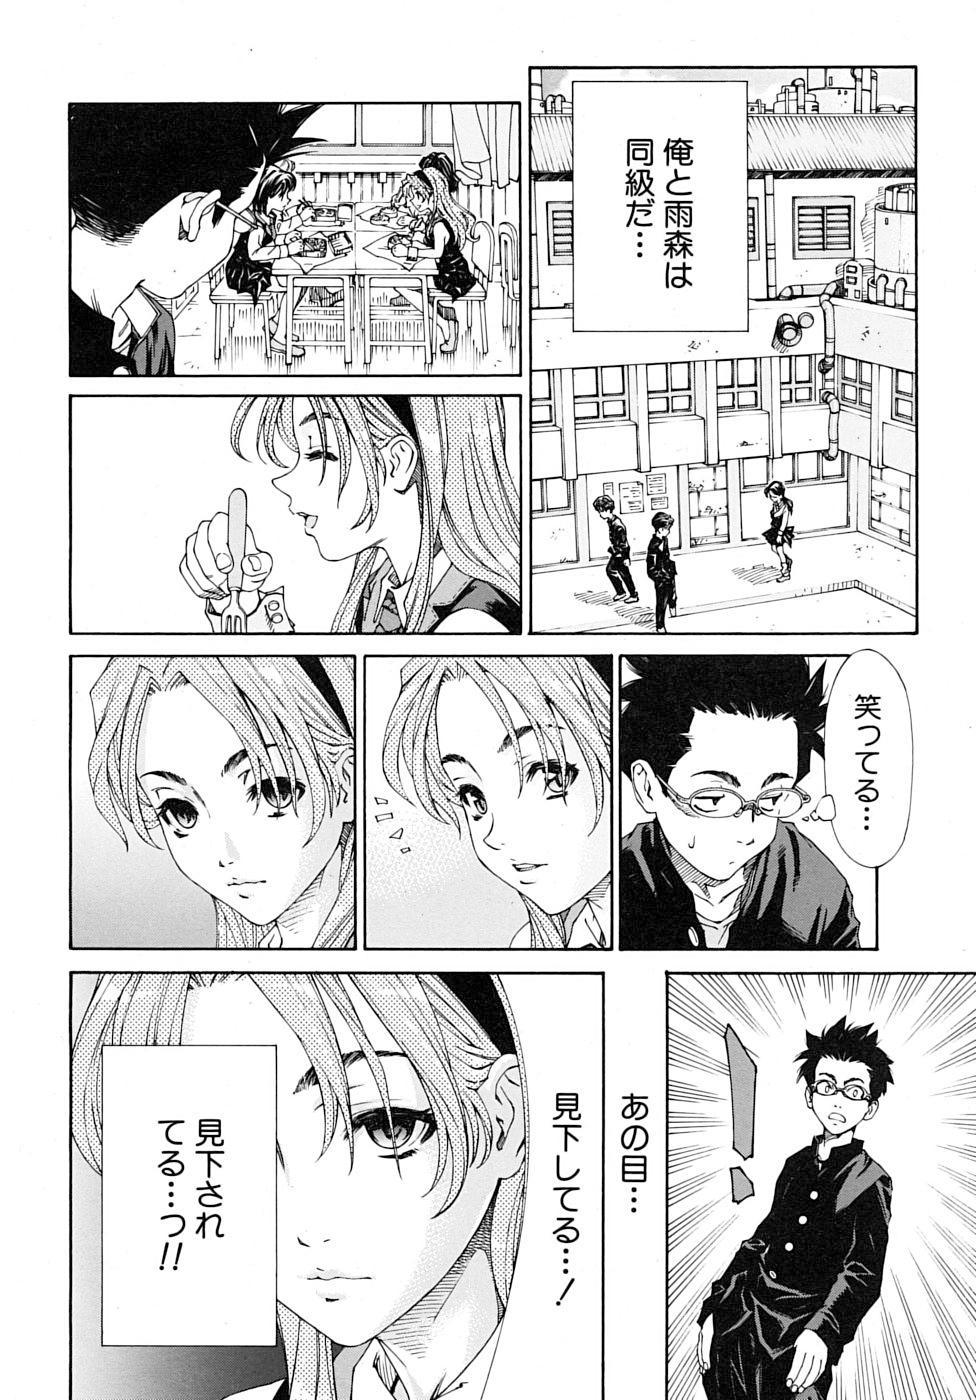 Amamori no Yari 5